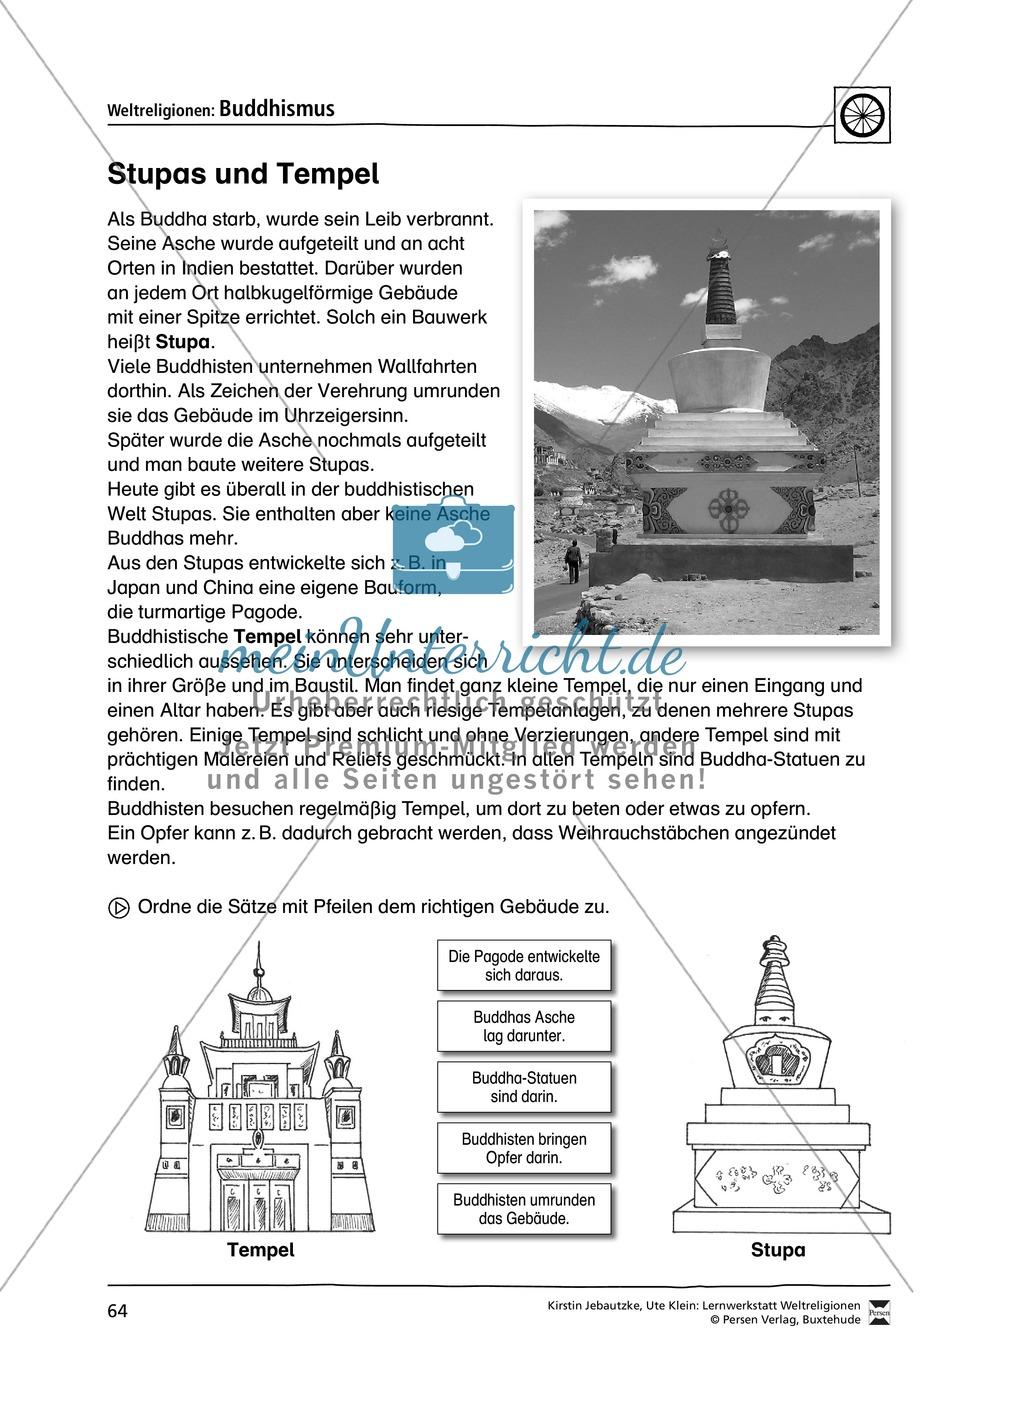 Unterrichtsmaterial zum Buddhismus - mit Infomaterial zu Buddha, Regeln, Stupas und Tempel, Feiertagen uvm. Preview 6